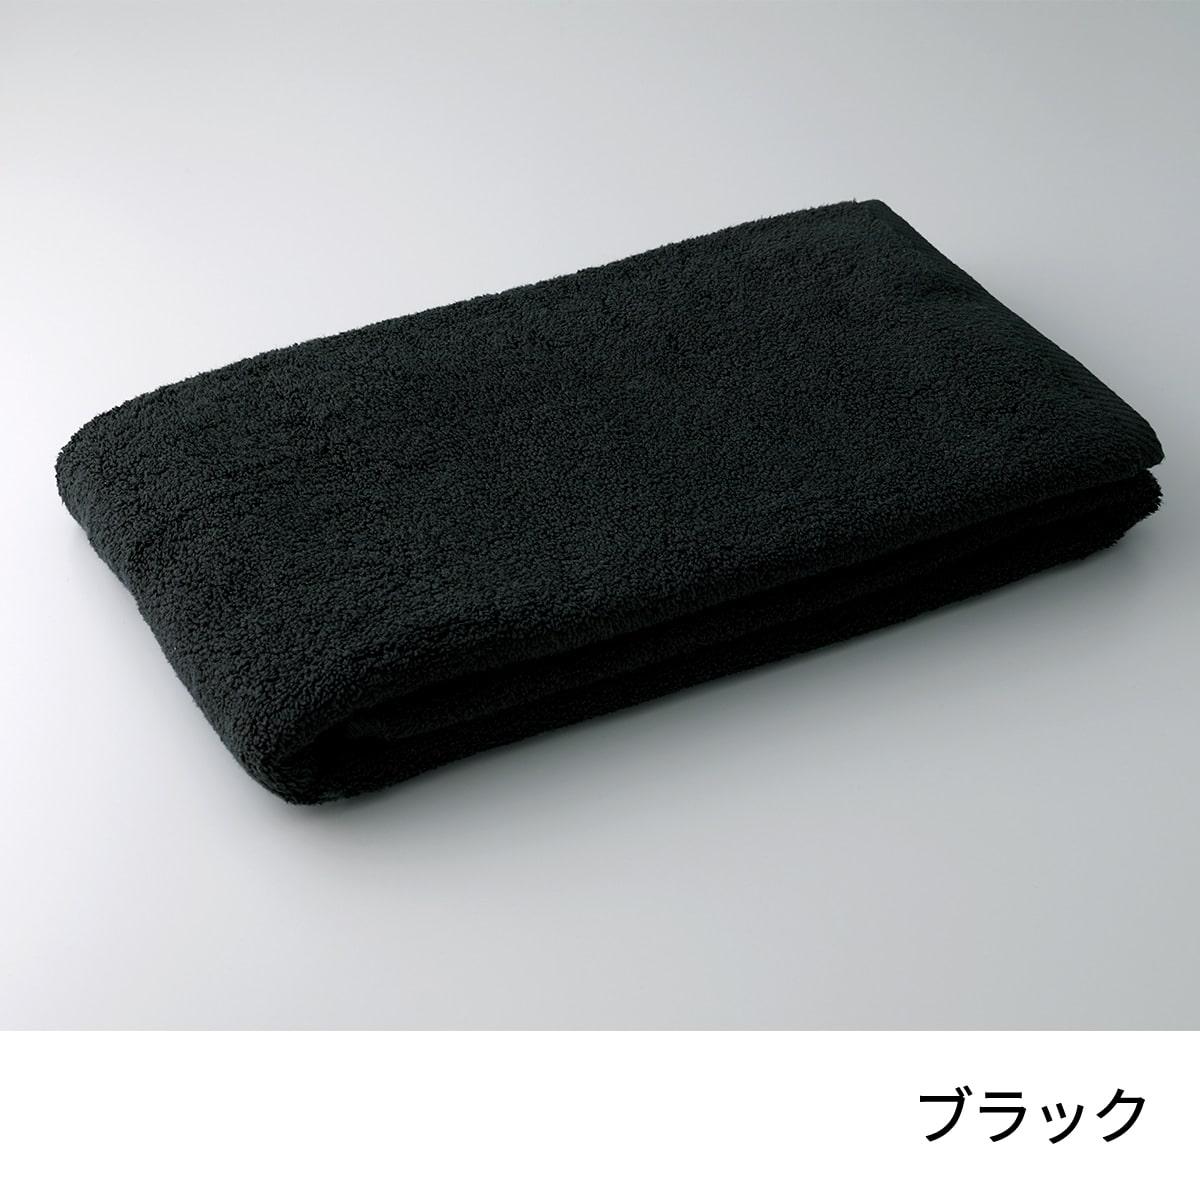 【マイクロコットン】ラグジュアリー バスタオル(76×137cm)   #MicroCotton #タオル #ミニバスタオル #日用品 #コットン100%